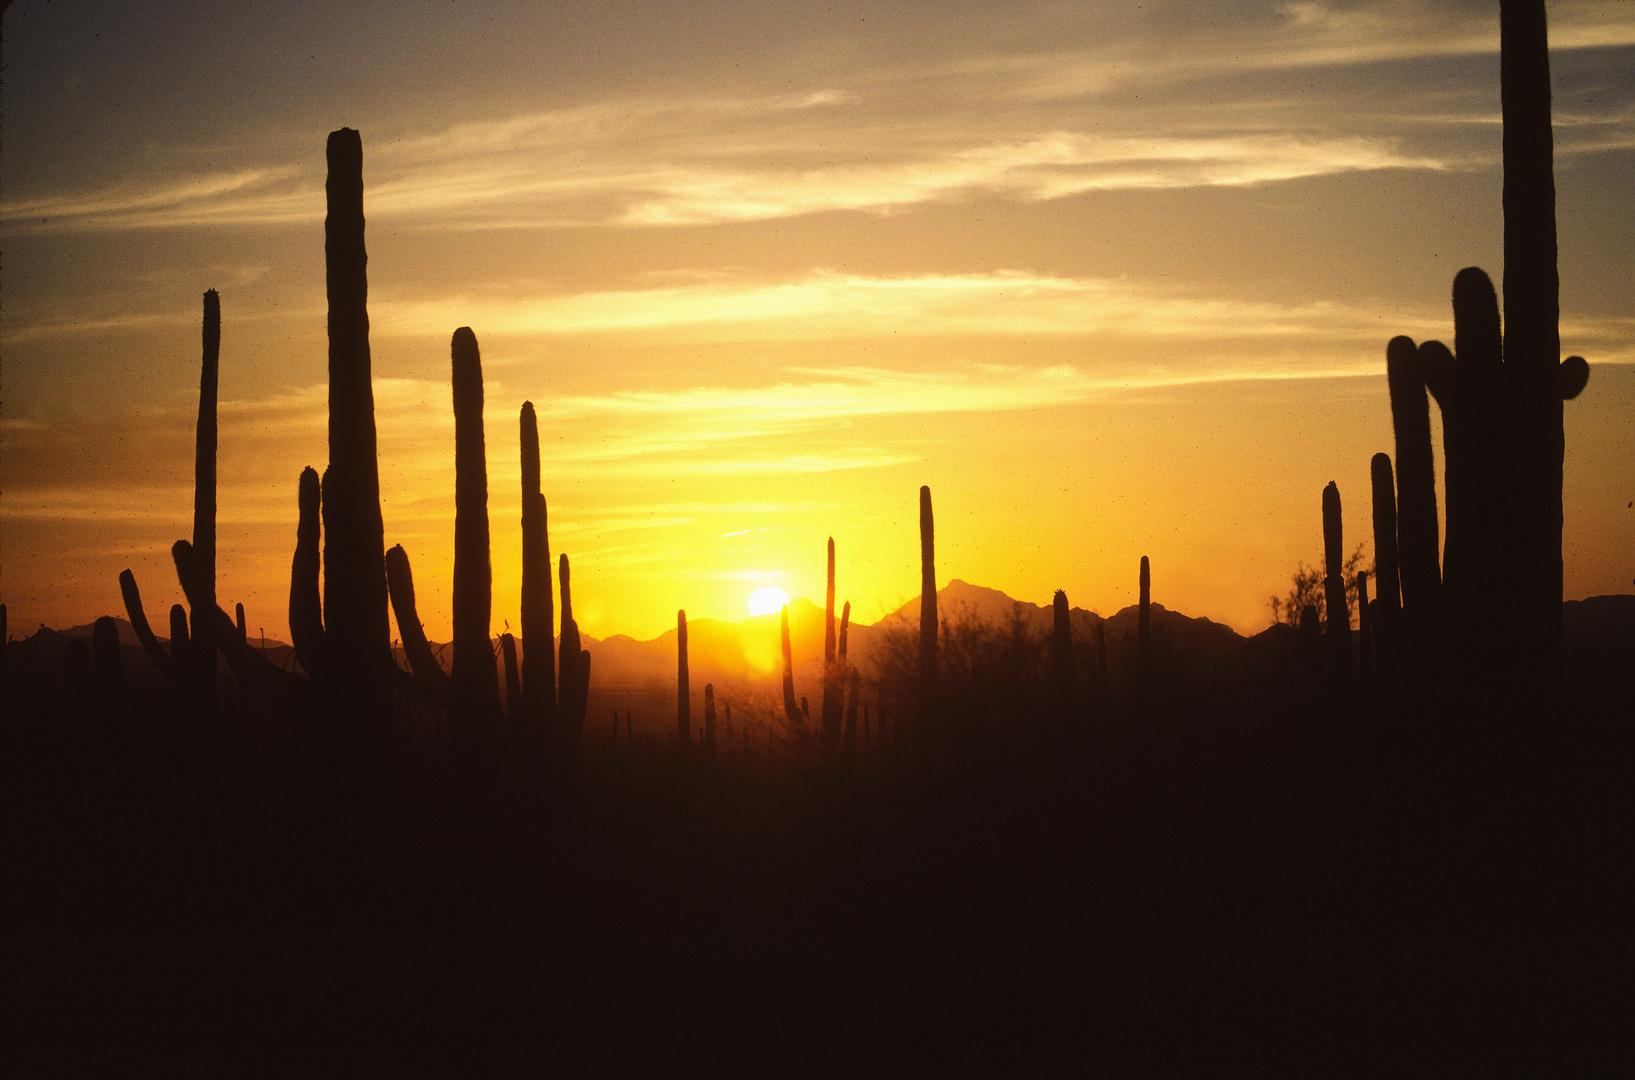 Sonenuntergang in der Sonora Wüste, AZ